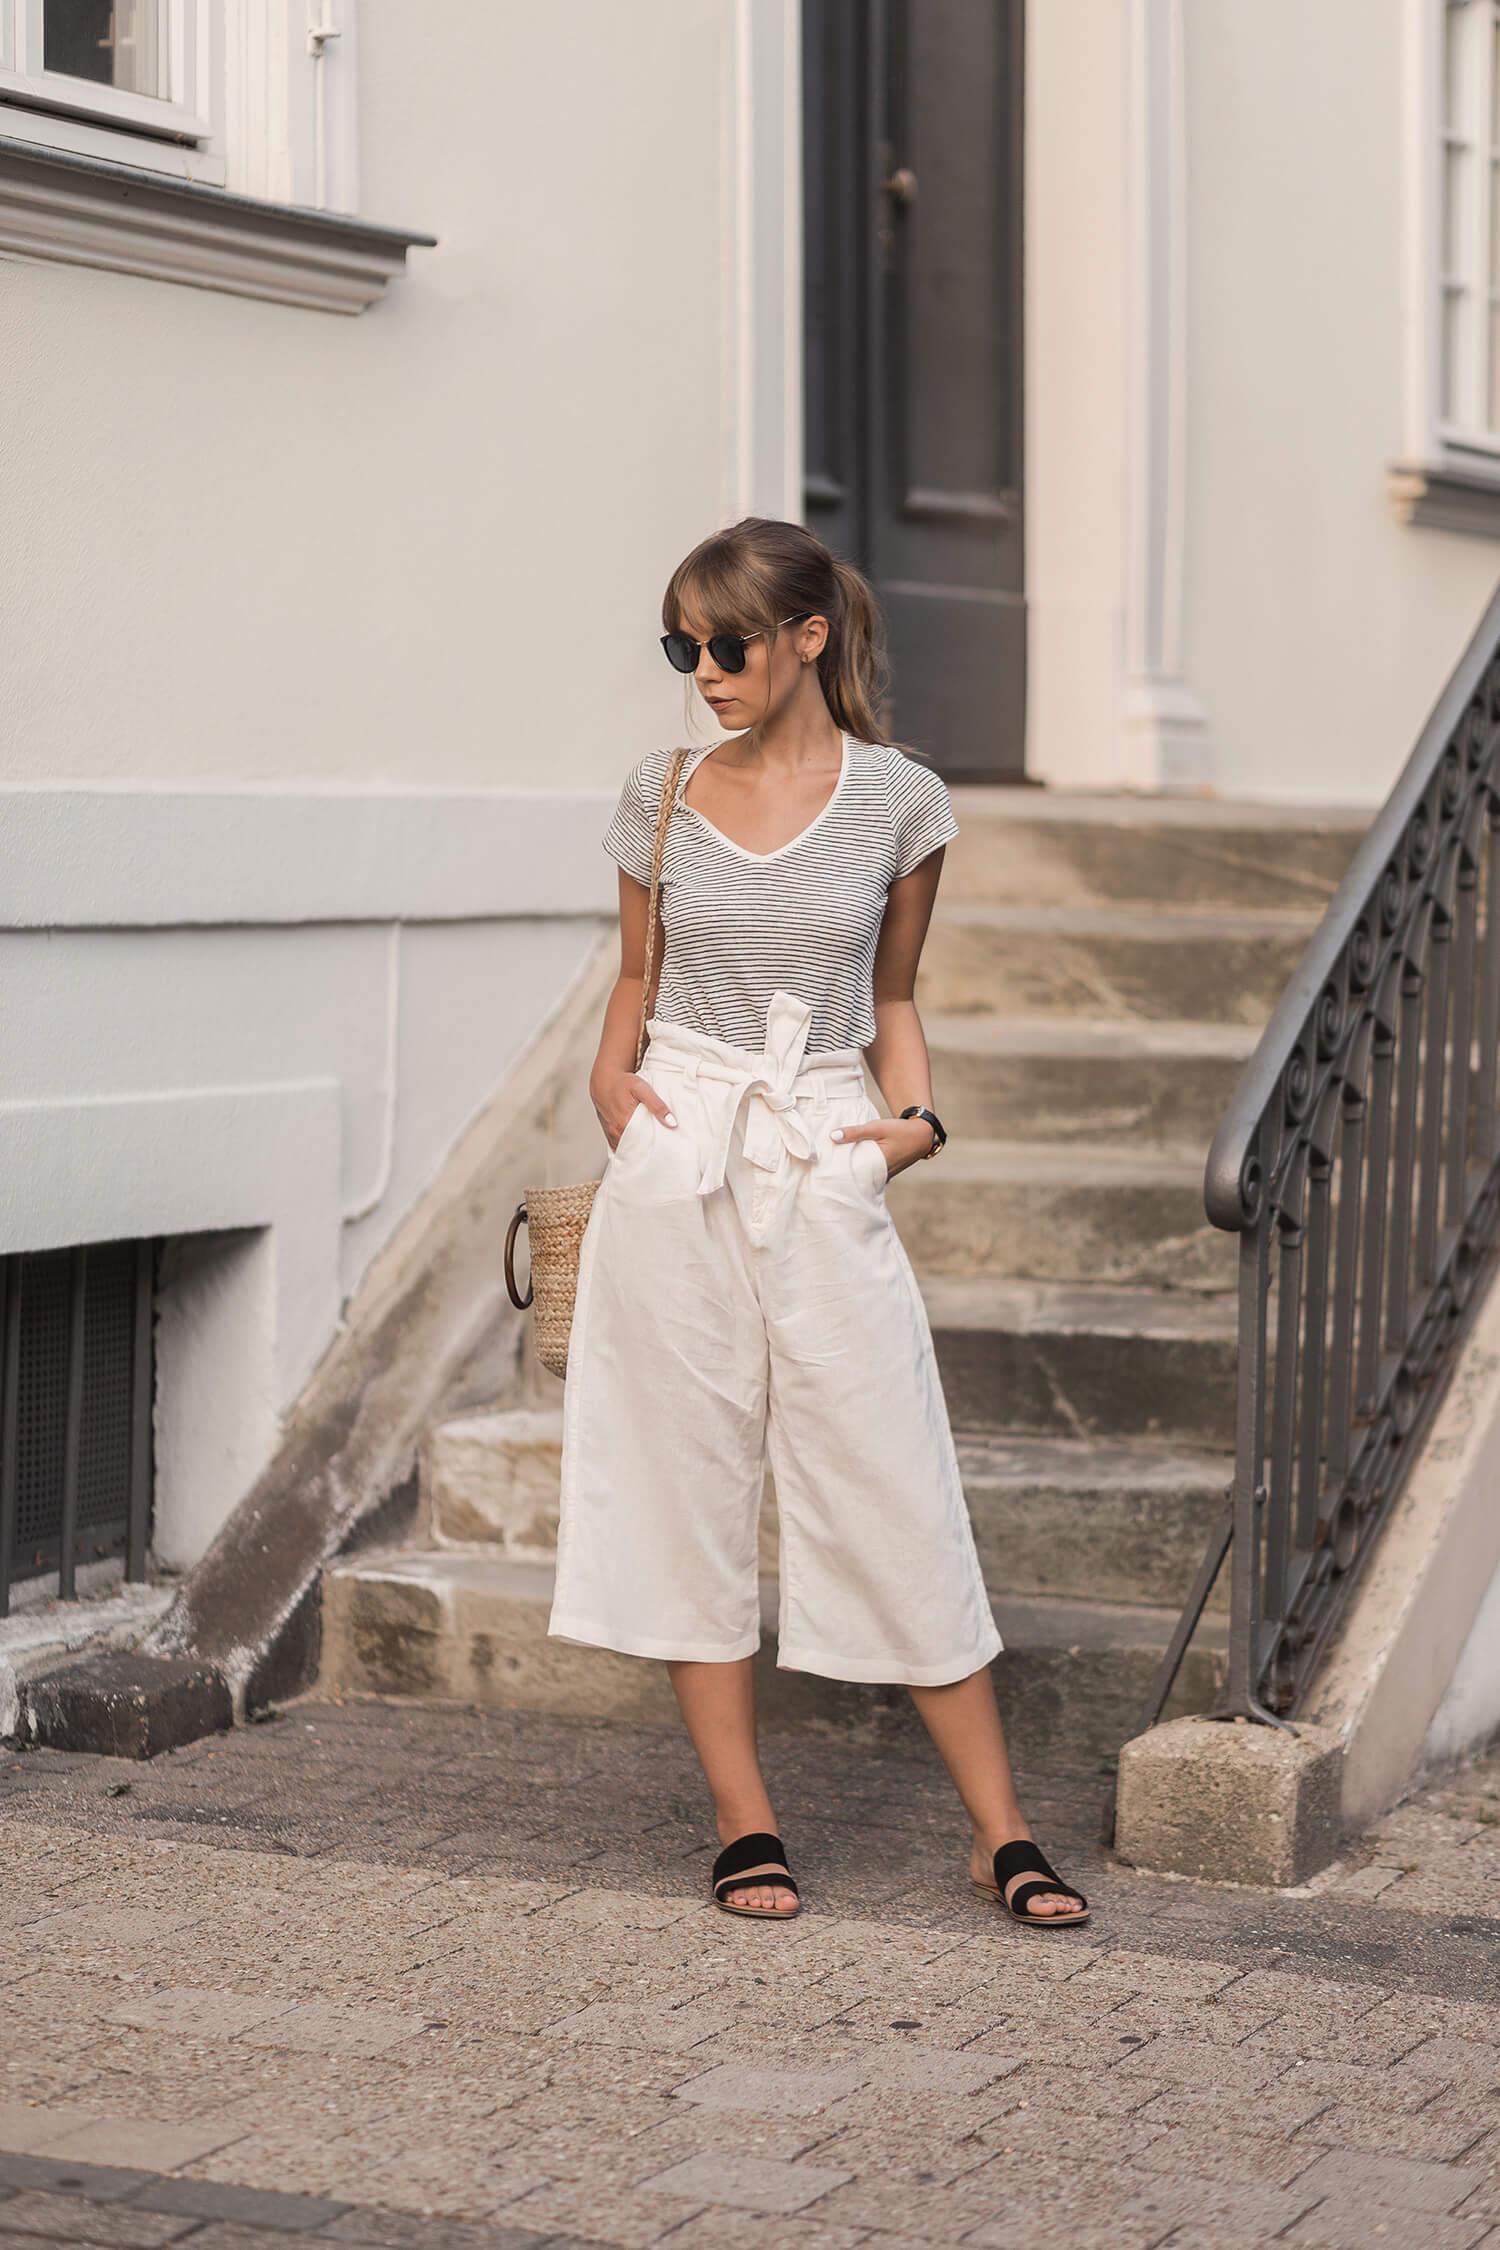 Fashion Tipps für heiße Tage, Shoelove by Deichmann